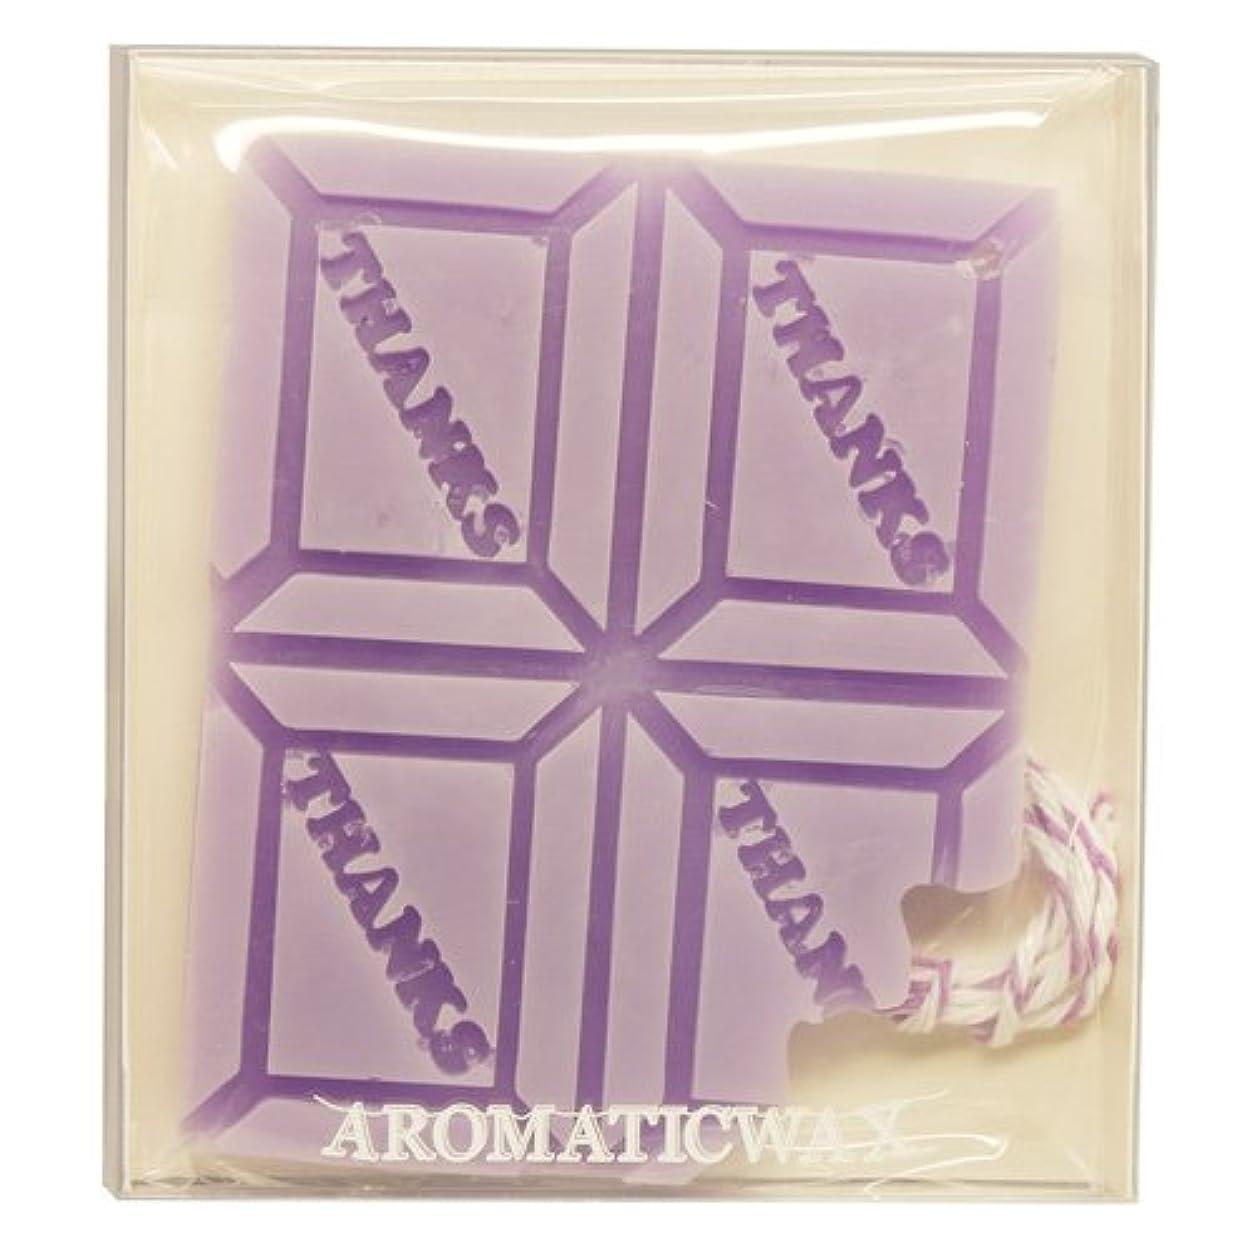 マグ織るすり減るGRASSE TOKYO AROMATICWAXチャーム「板チョコ(THANKS)」(PU) ラベンダー アロマティックワックス グラーストウキョウ